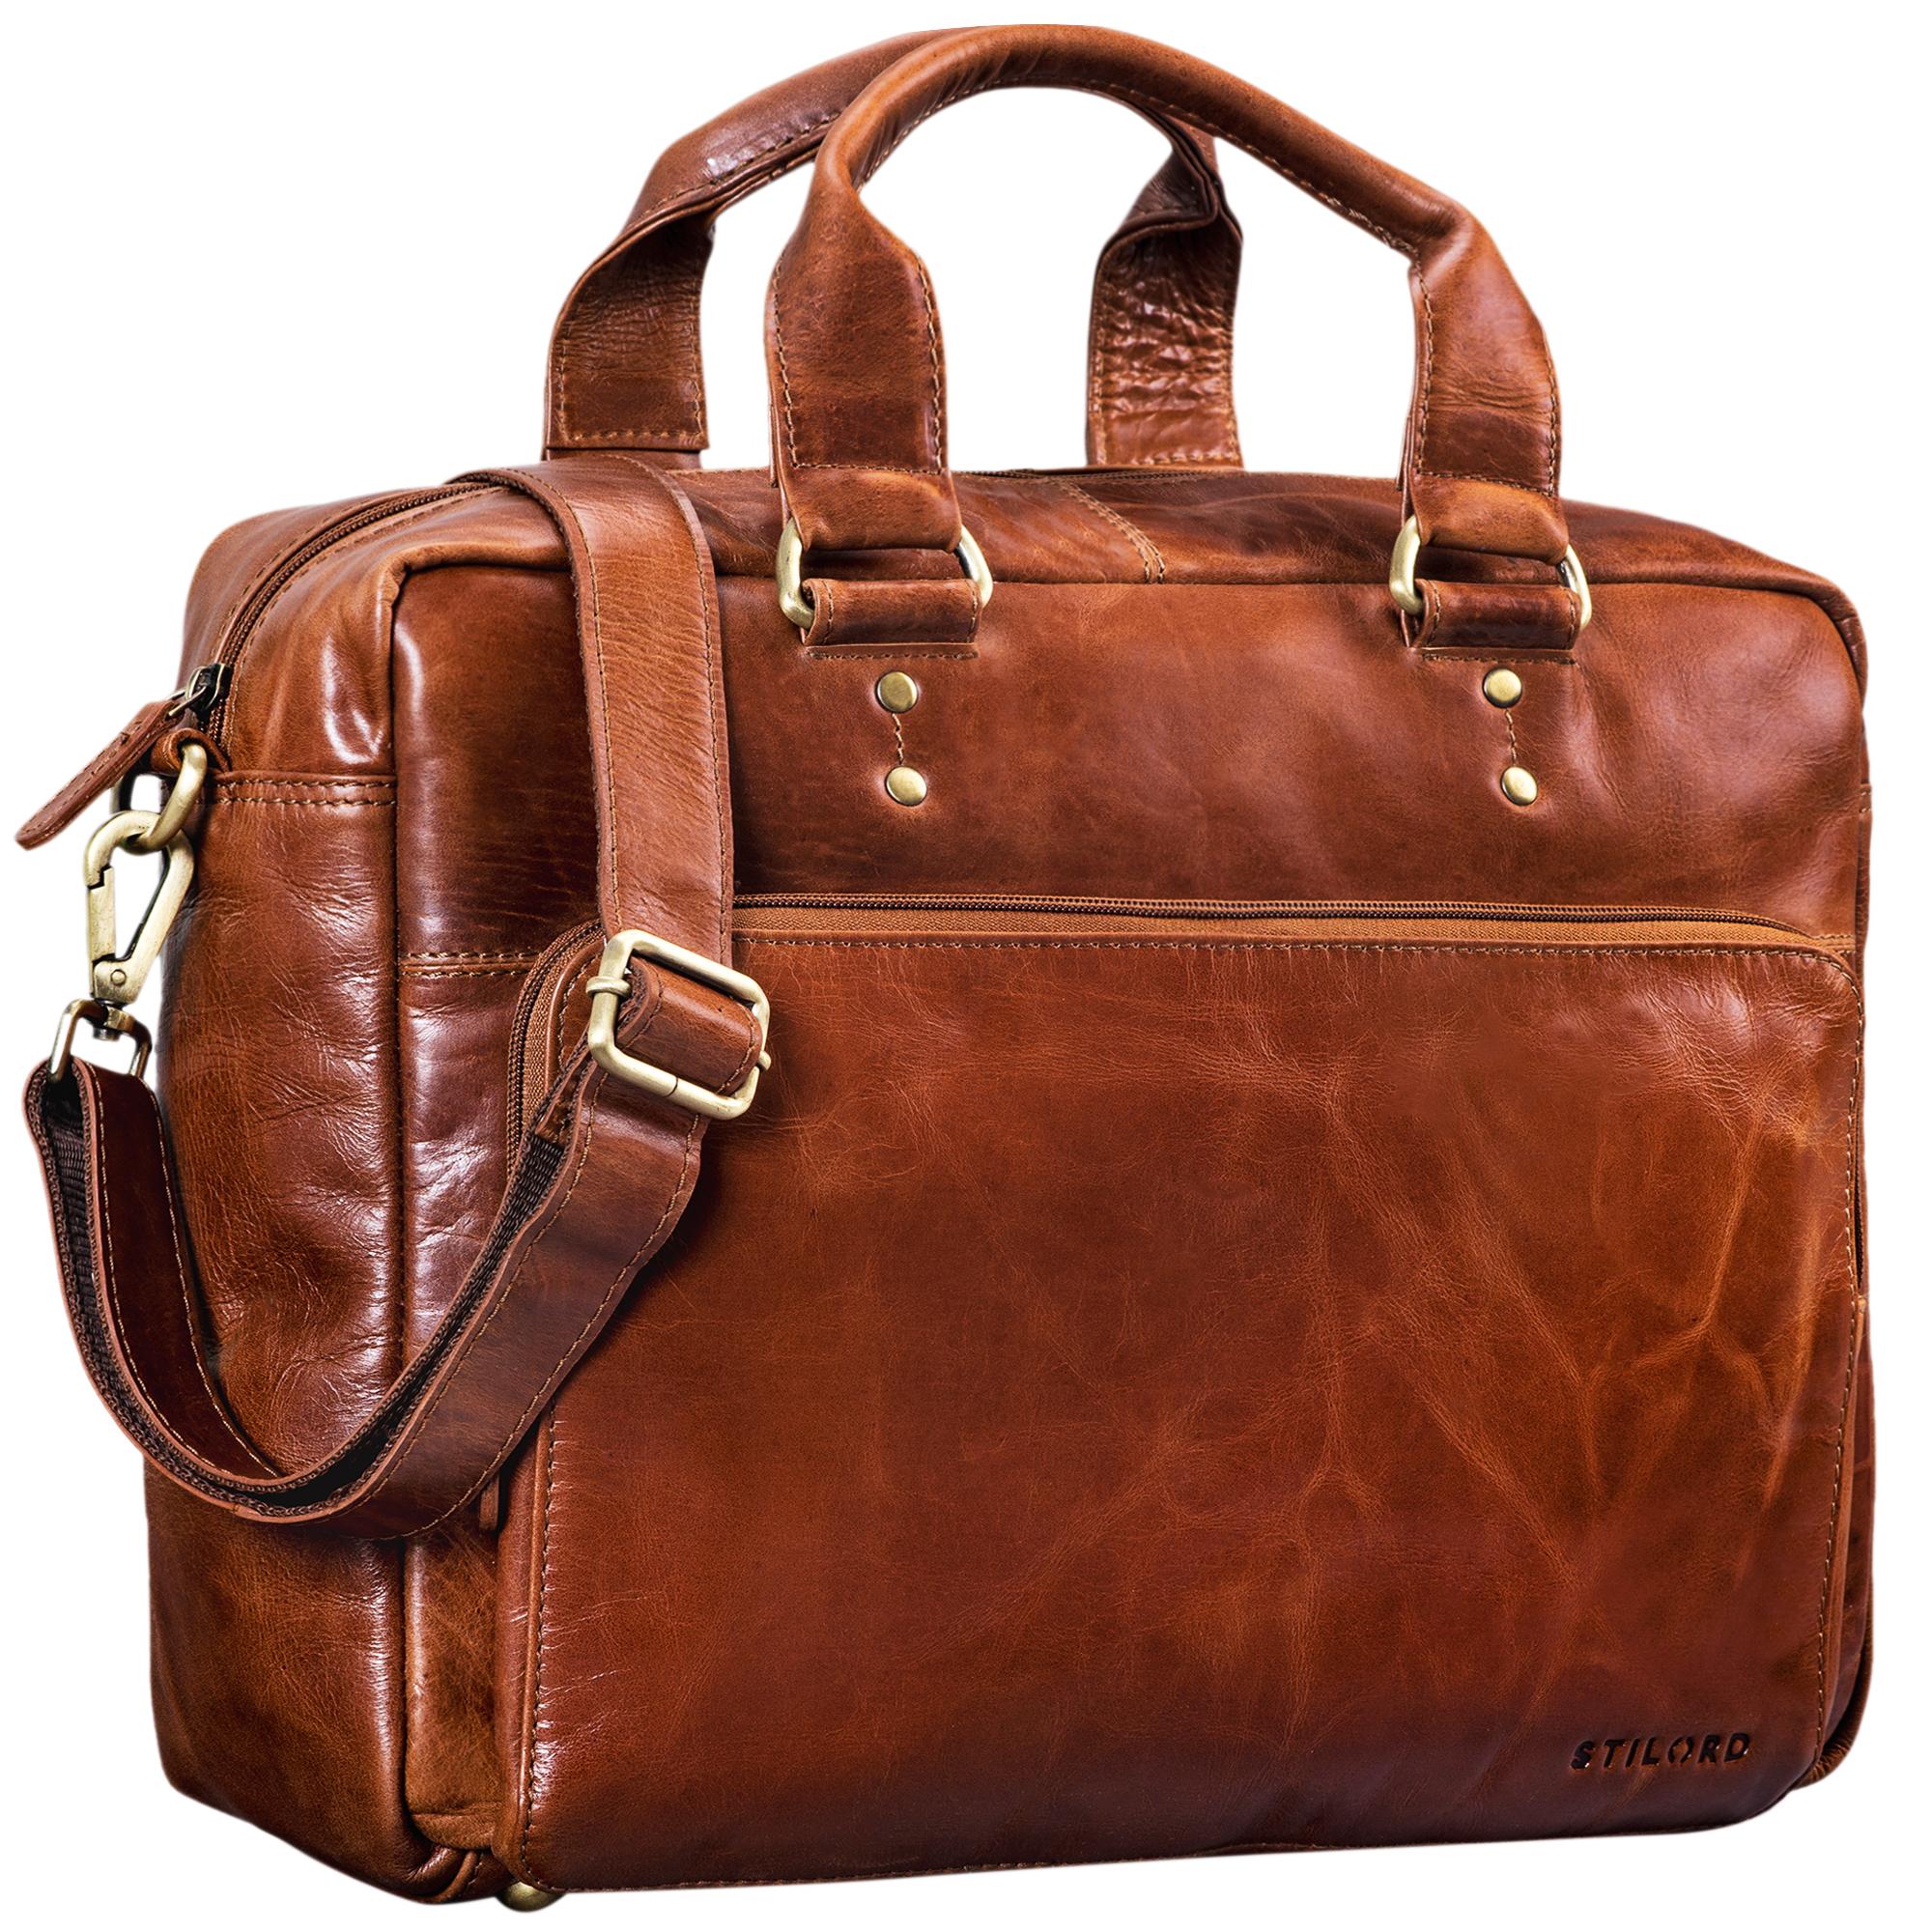 """STILORD """"Jack"""" Ledertasche Aktentasche Herren Vintage Umhängetasche für Büro Business Arbeit 13,3 Zoll Laptoptasche für große DIN A4 Aktenordner echtes Leder - Bild 10"""